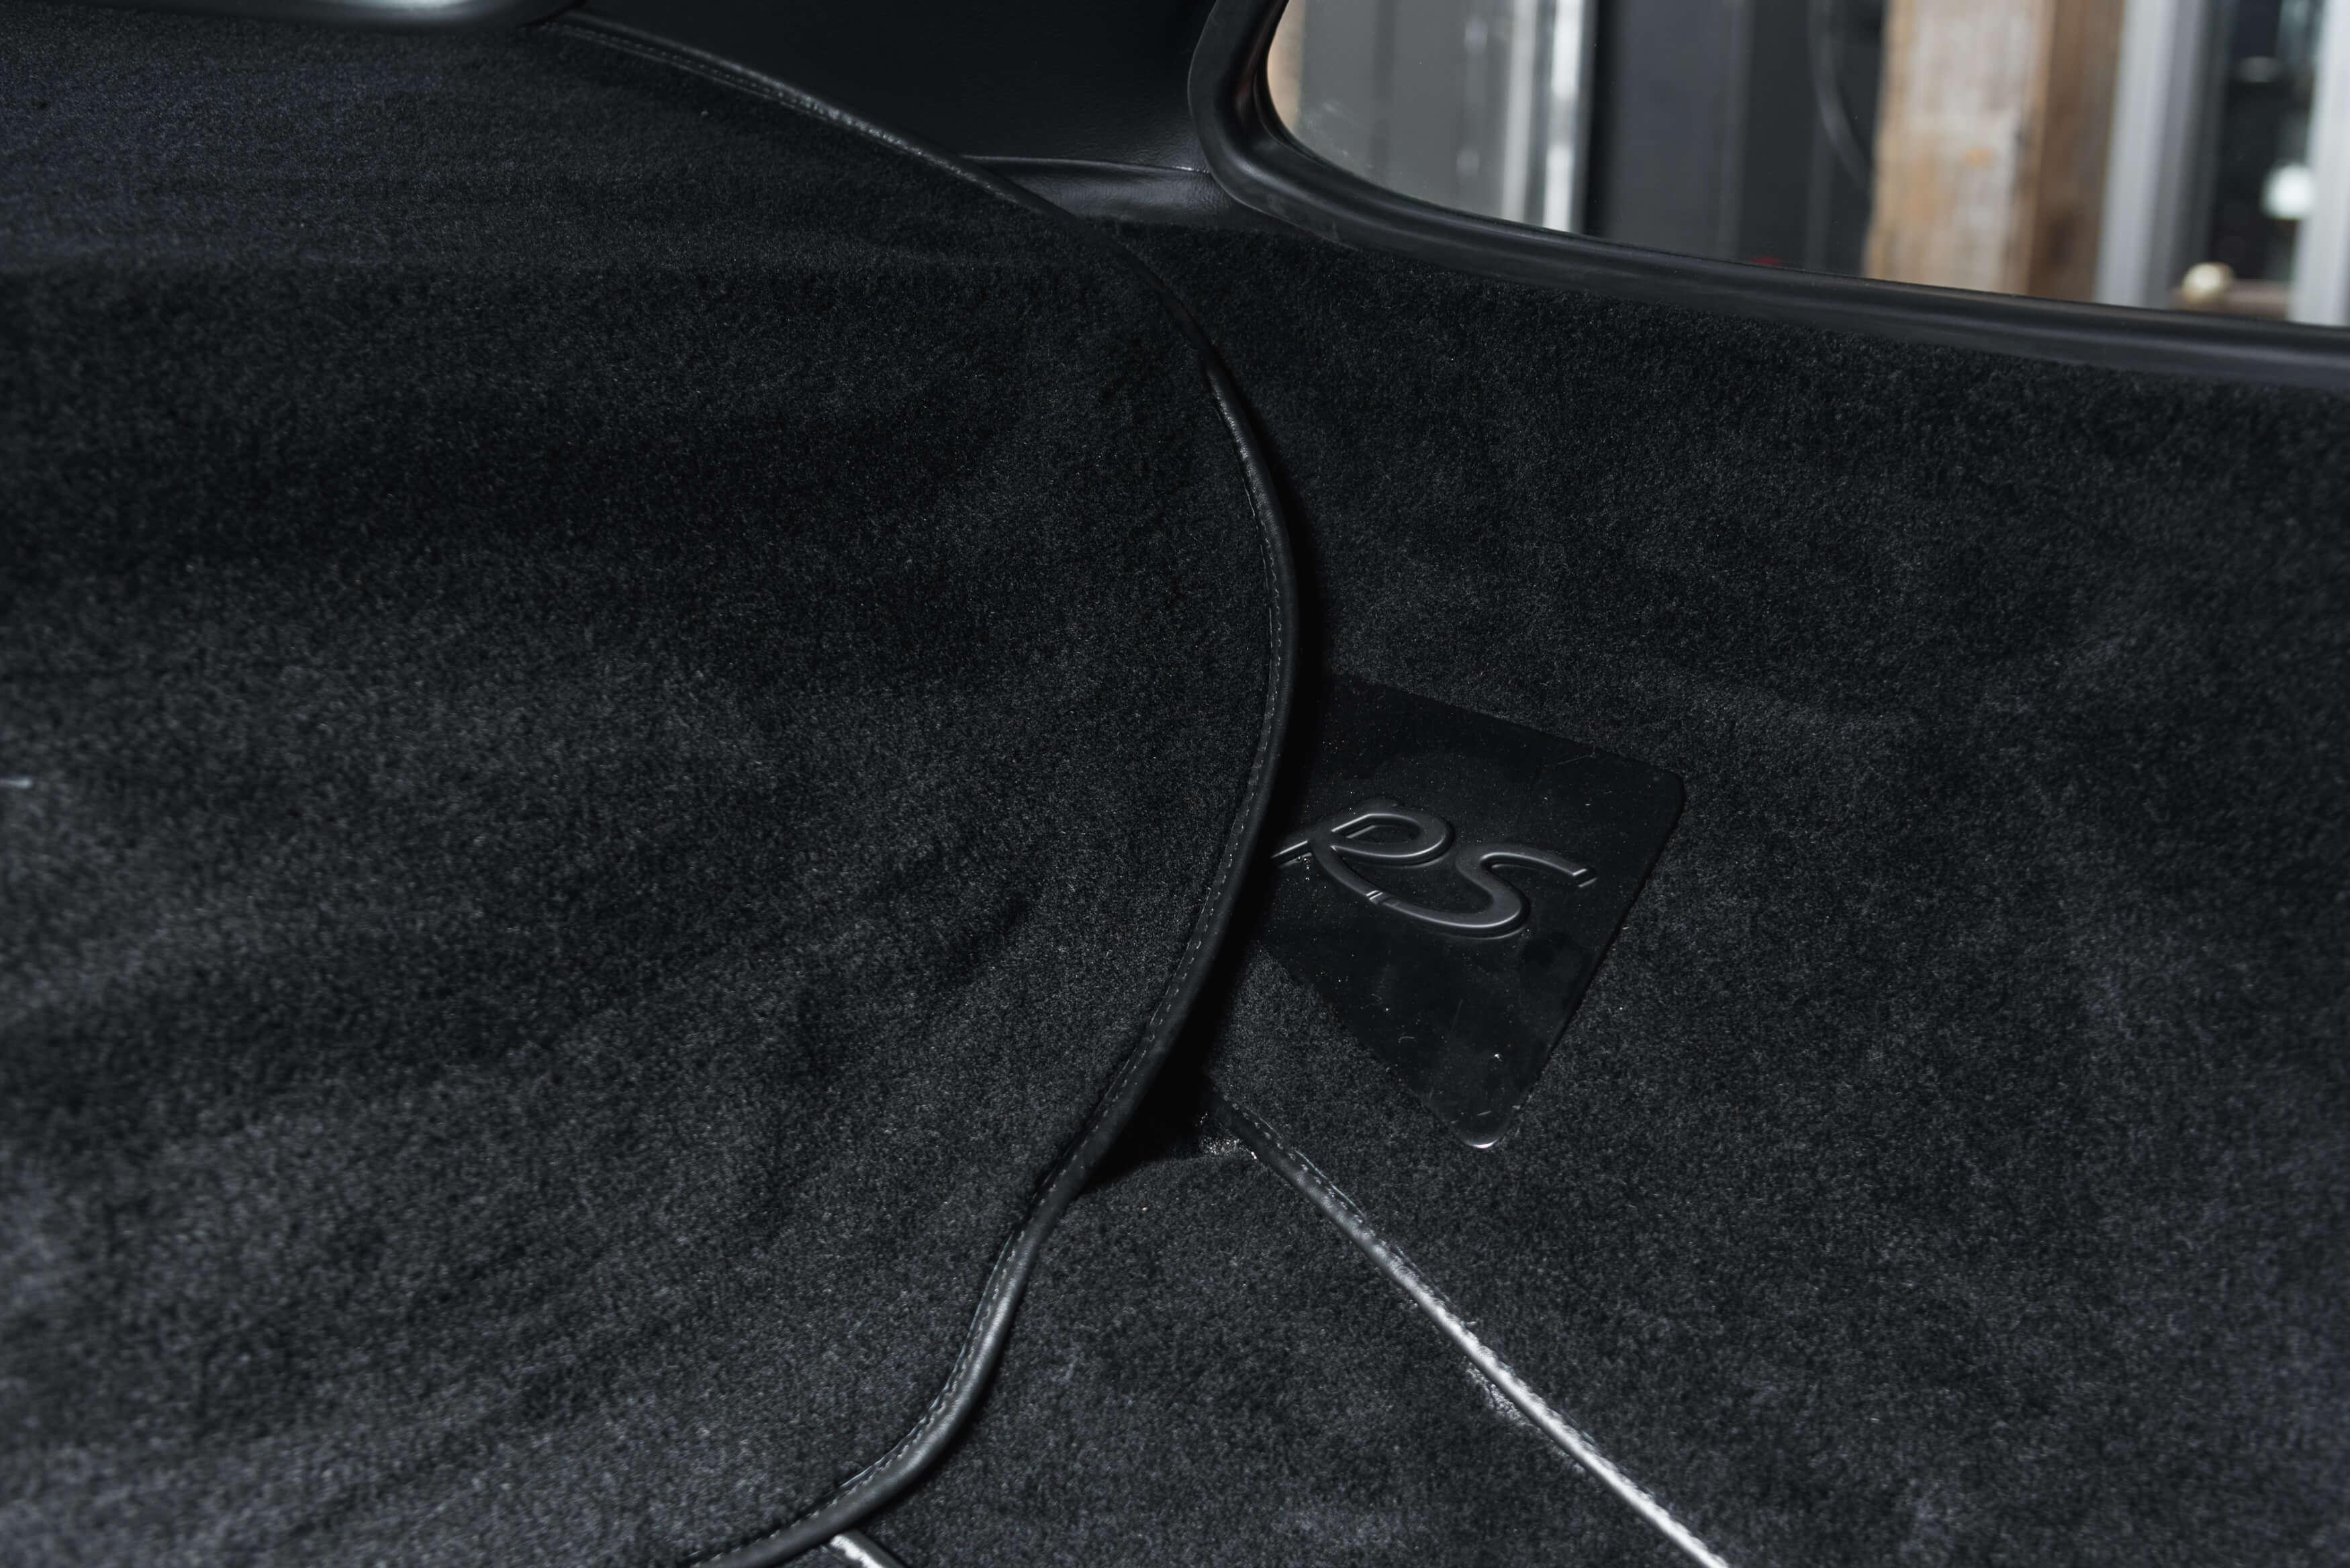 993 RS handgeschakeld Car Service Visser gespecialiseerd in Porsche - 25